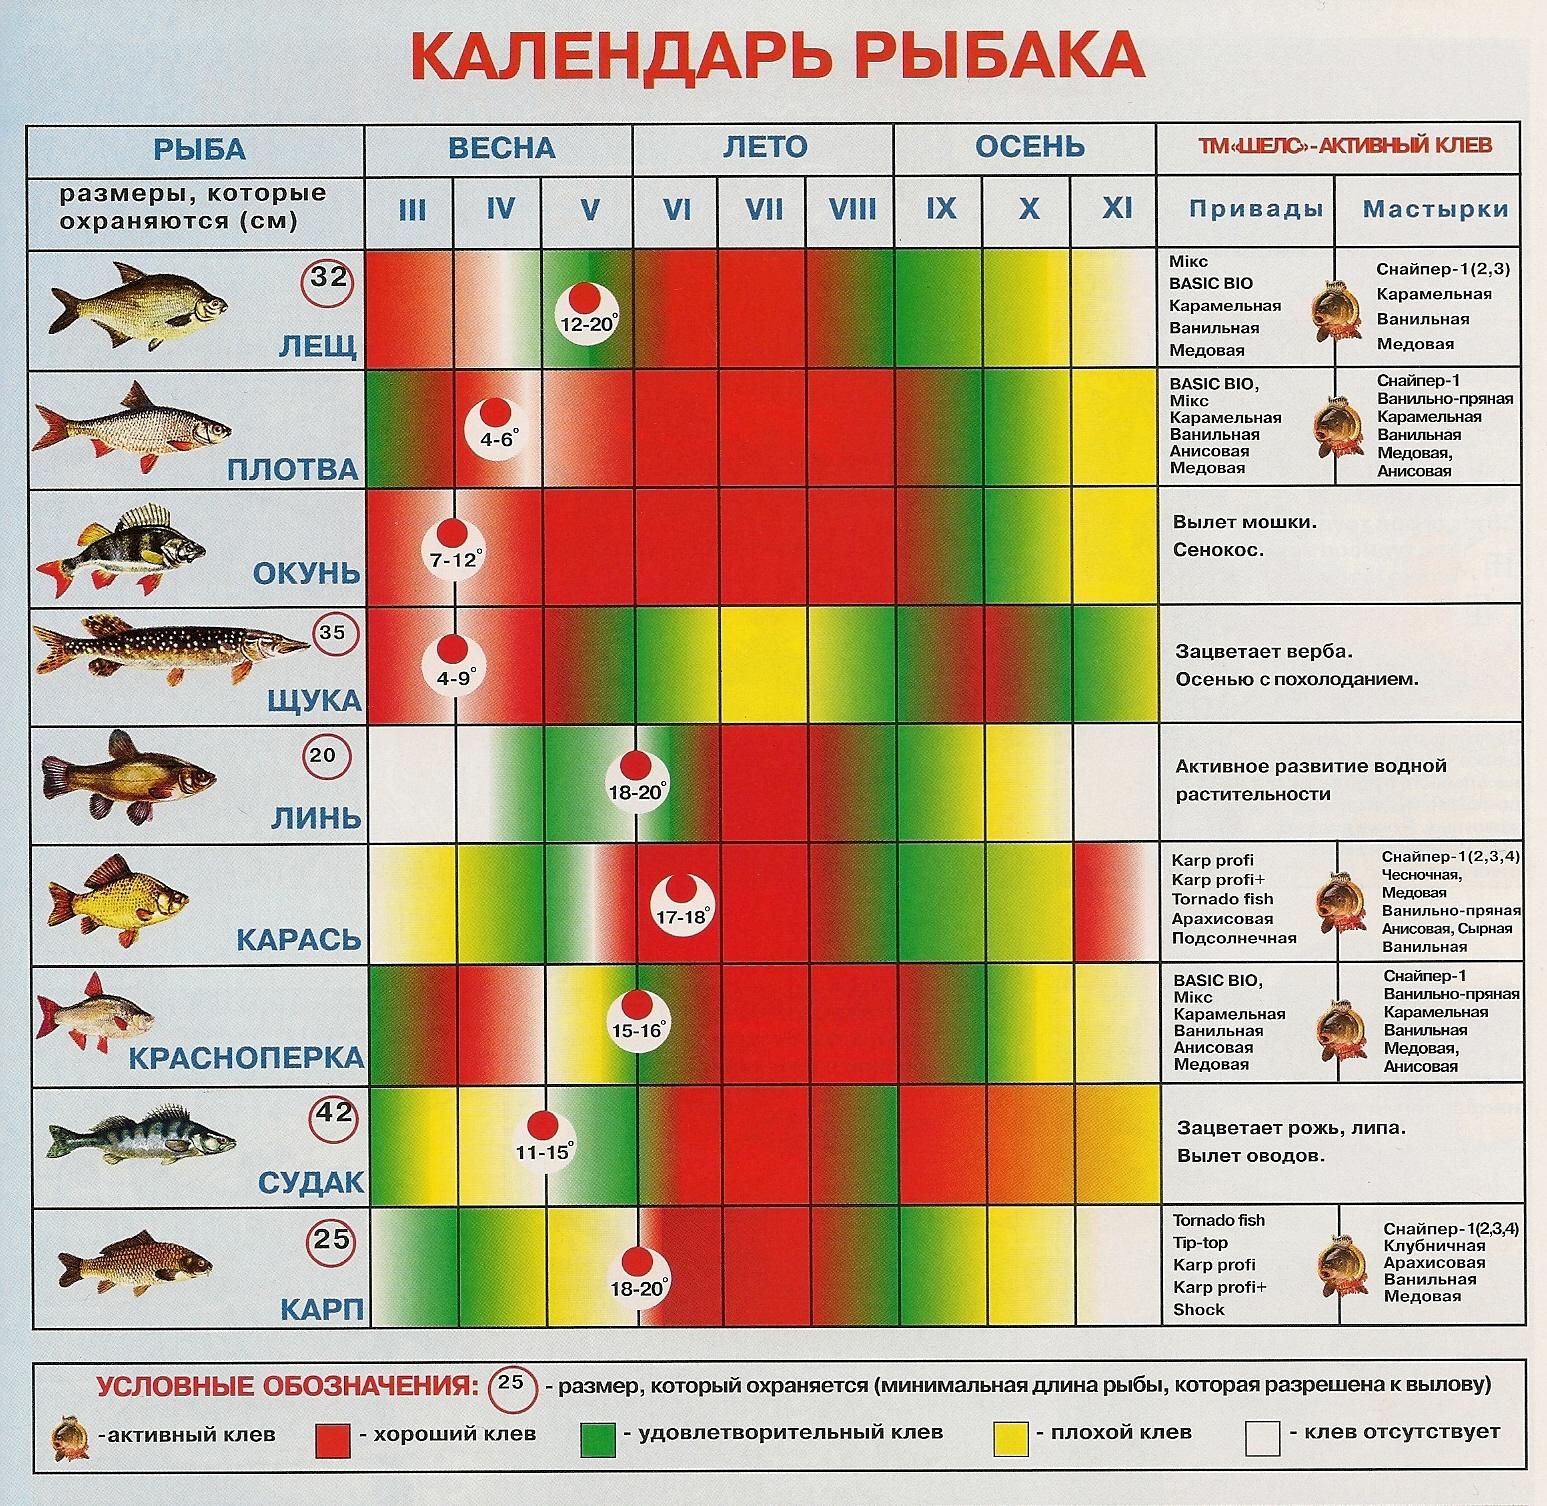 Календарь рыбака общий